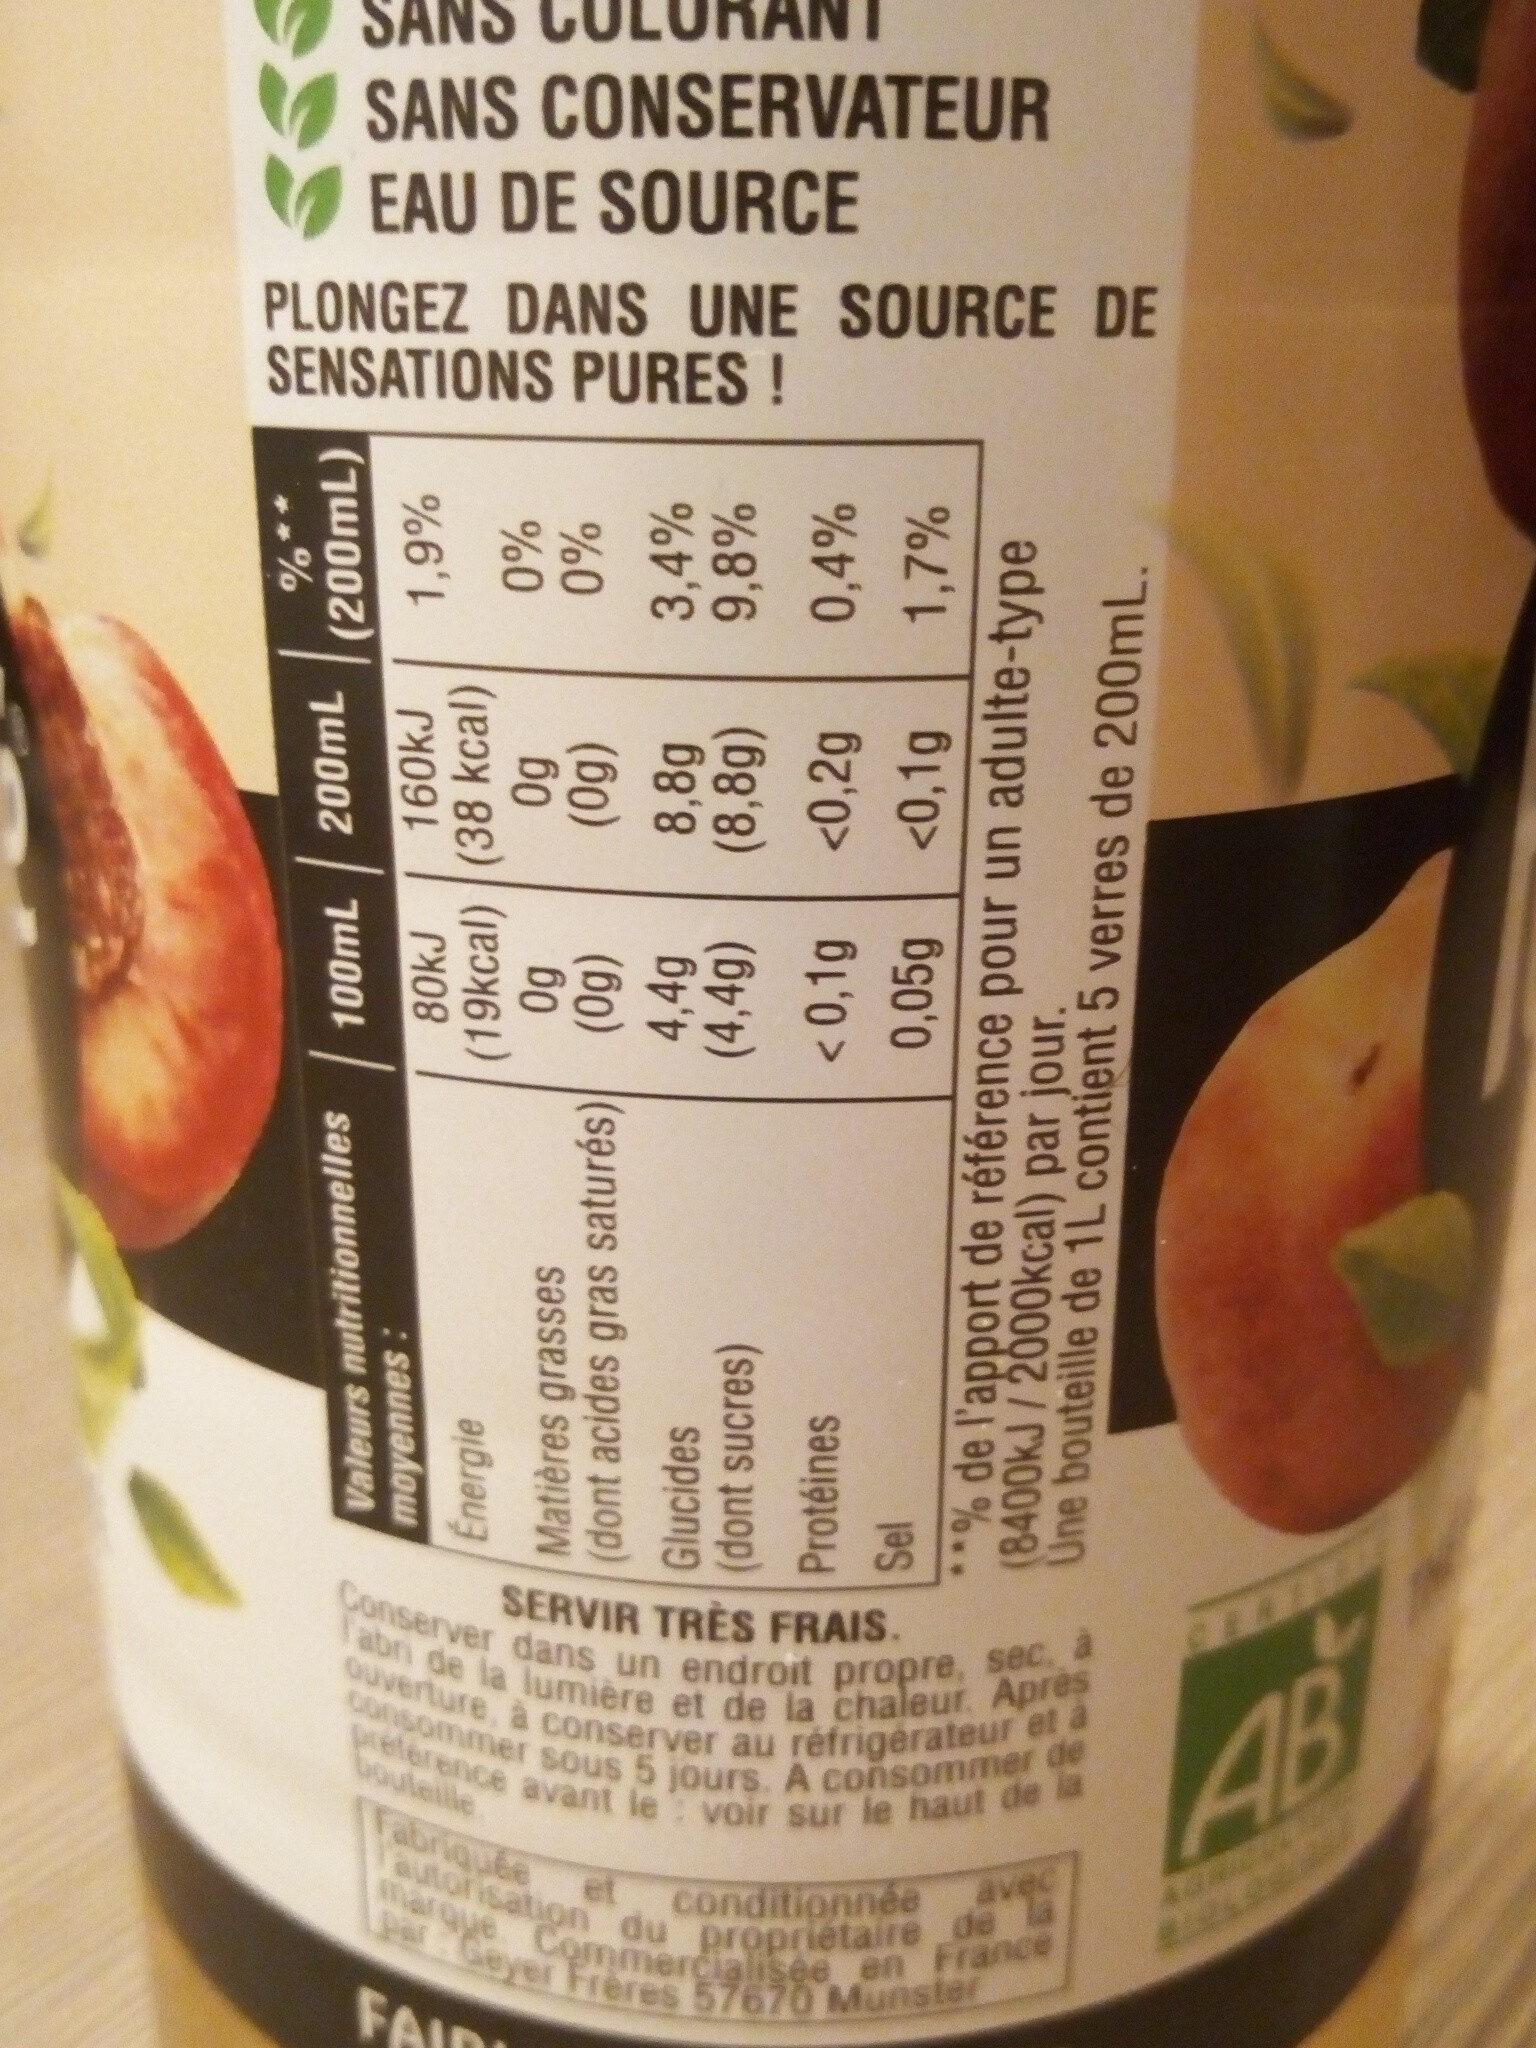 Purethé bio peche de vigne - Nutrition facts - fr